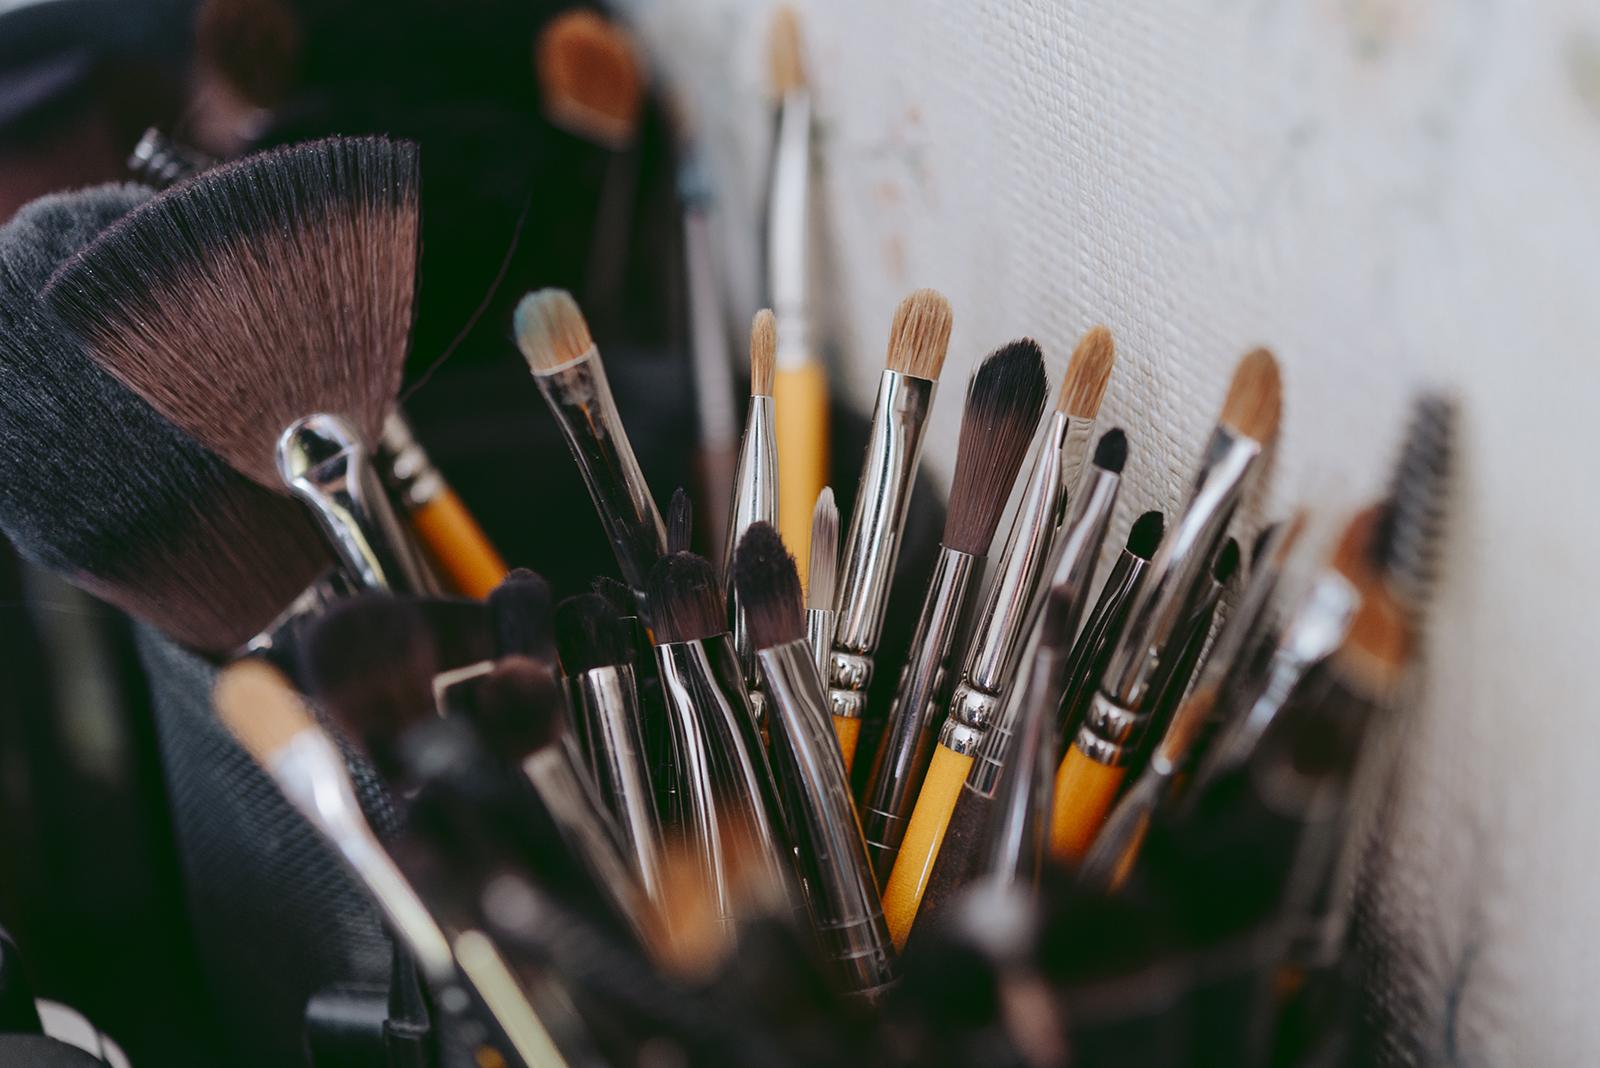 photo de détails sur des pinceau de maquilleuse